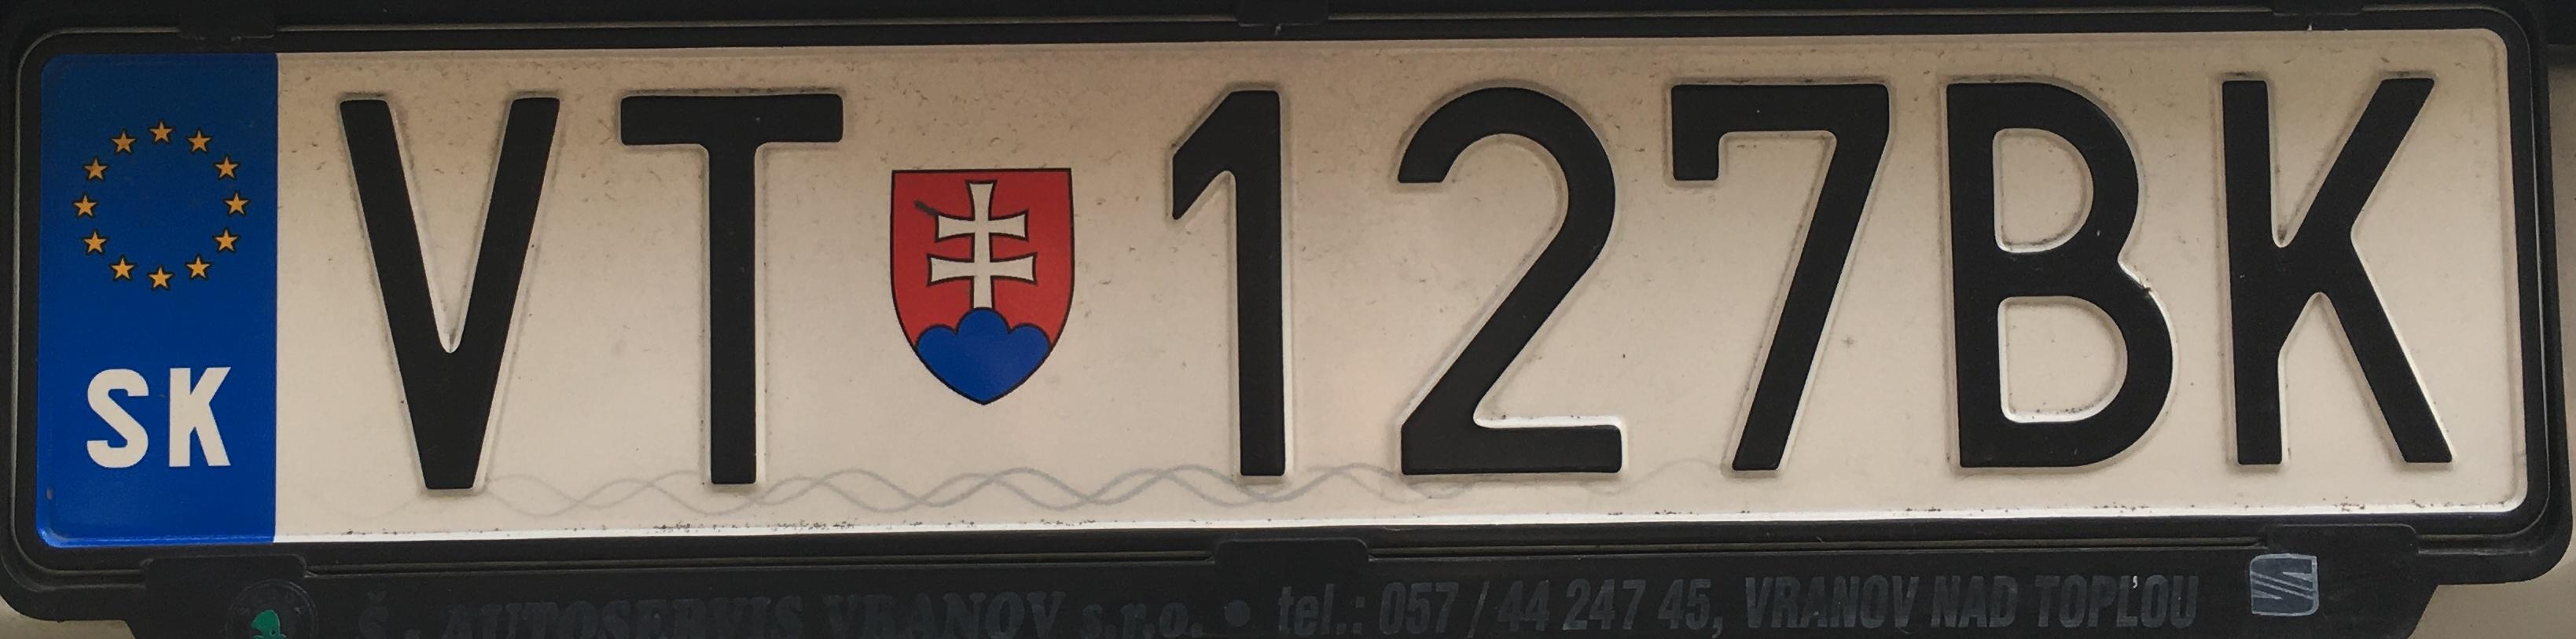 Registrační značka Slovensko - VT - Vranov nad Topľou, foto: www.podalnici.cz